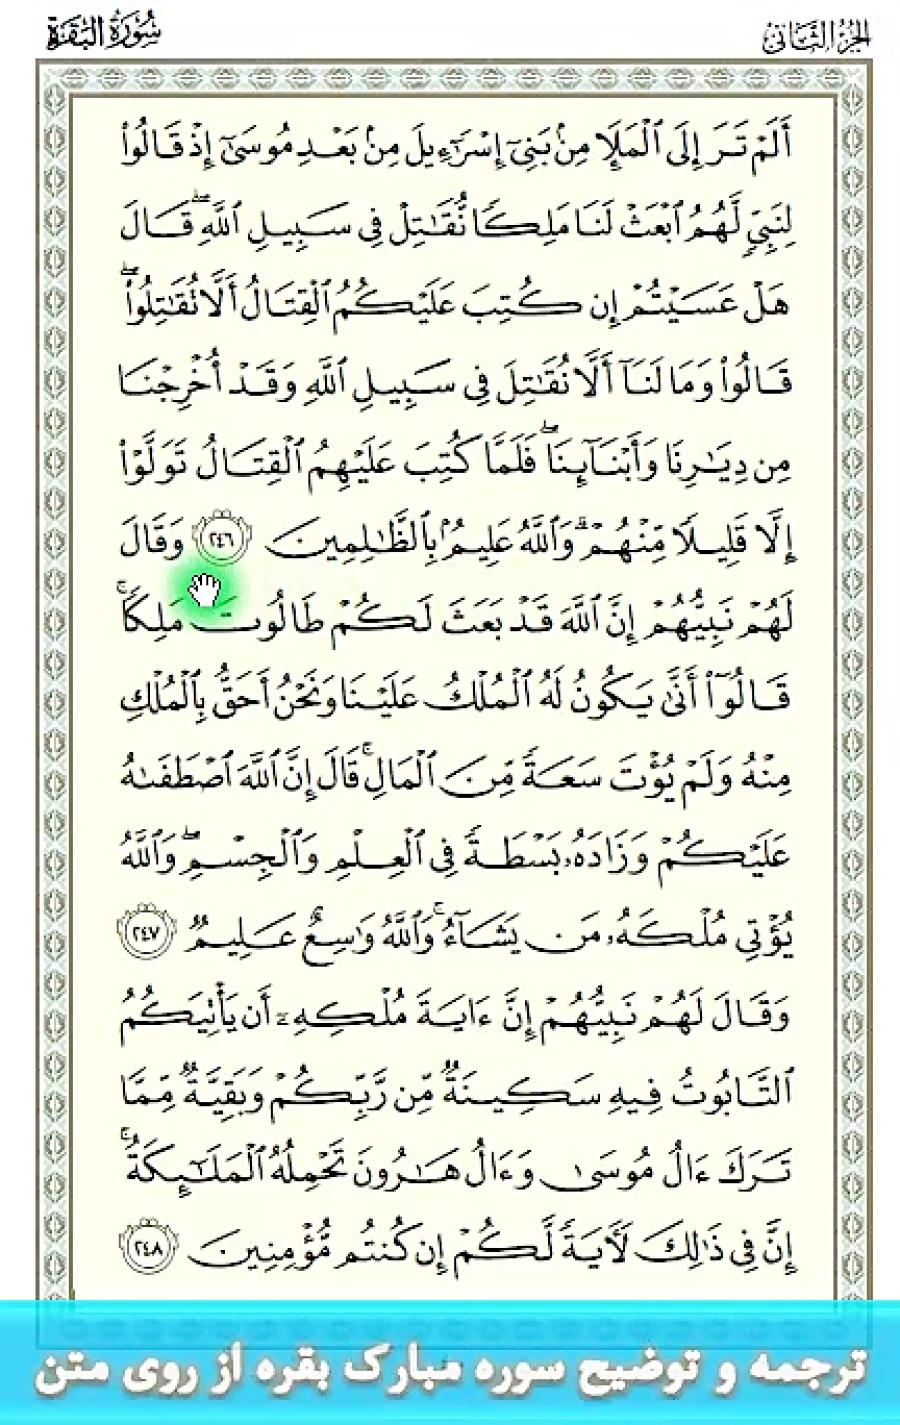 آموزش تصویری ترجمه و تدبر و تفسیر قرآن - سوره بقره - آیه 247